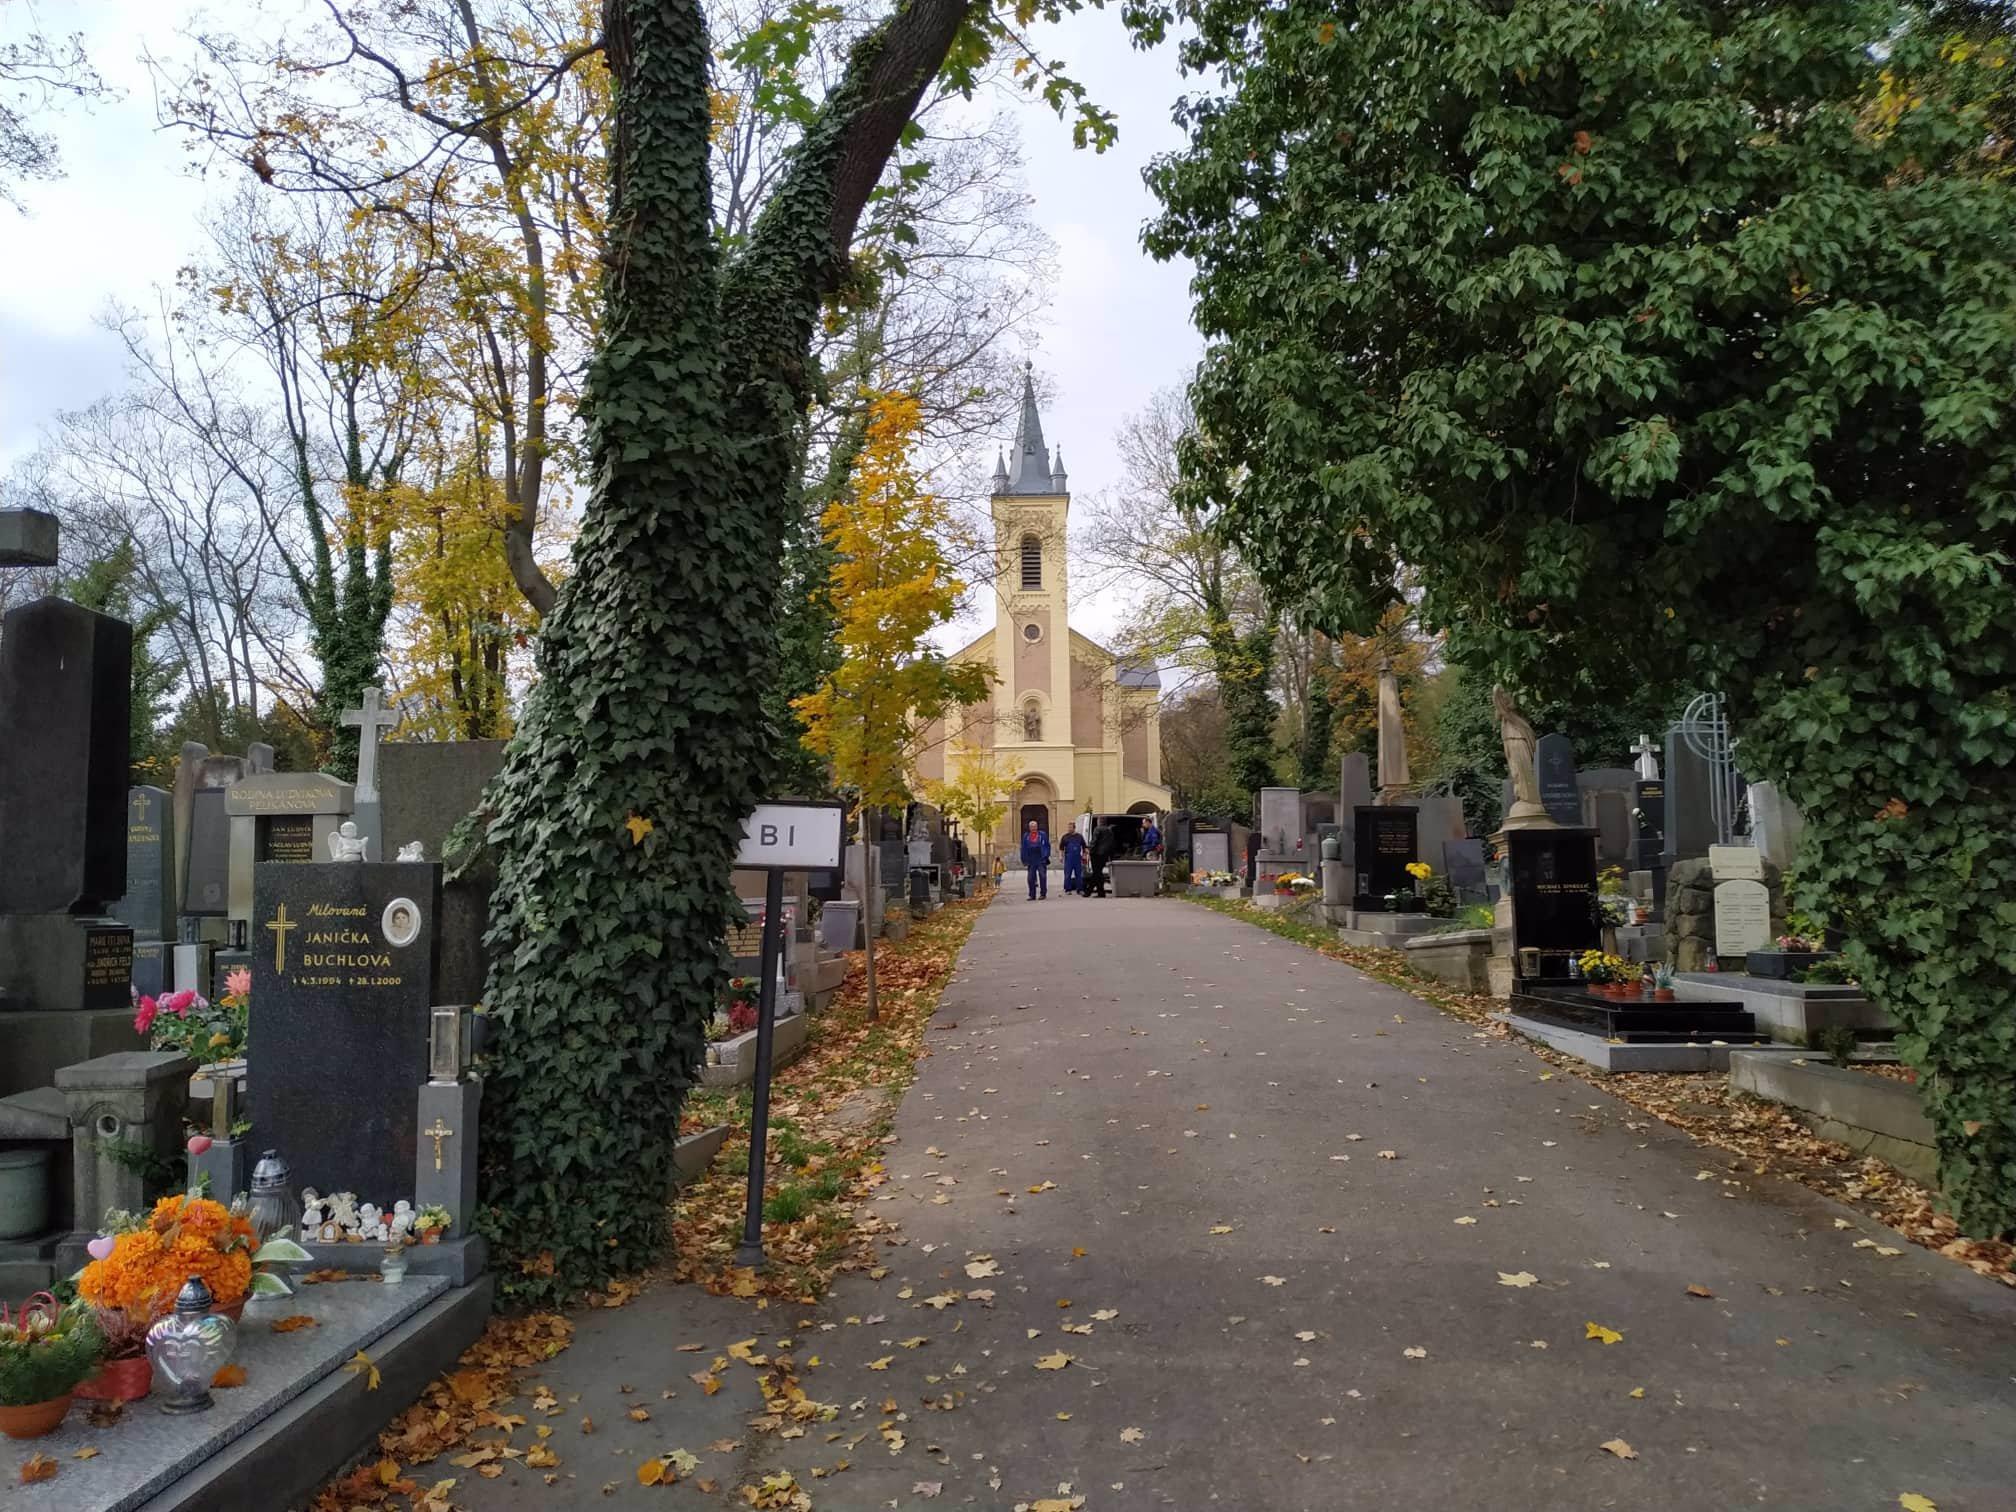 Exkluzivně z Malvazinek: Lidé na Dušičky truchlí za Karla Gotta, marně hledají jeho hrob